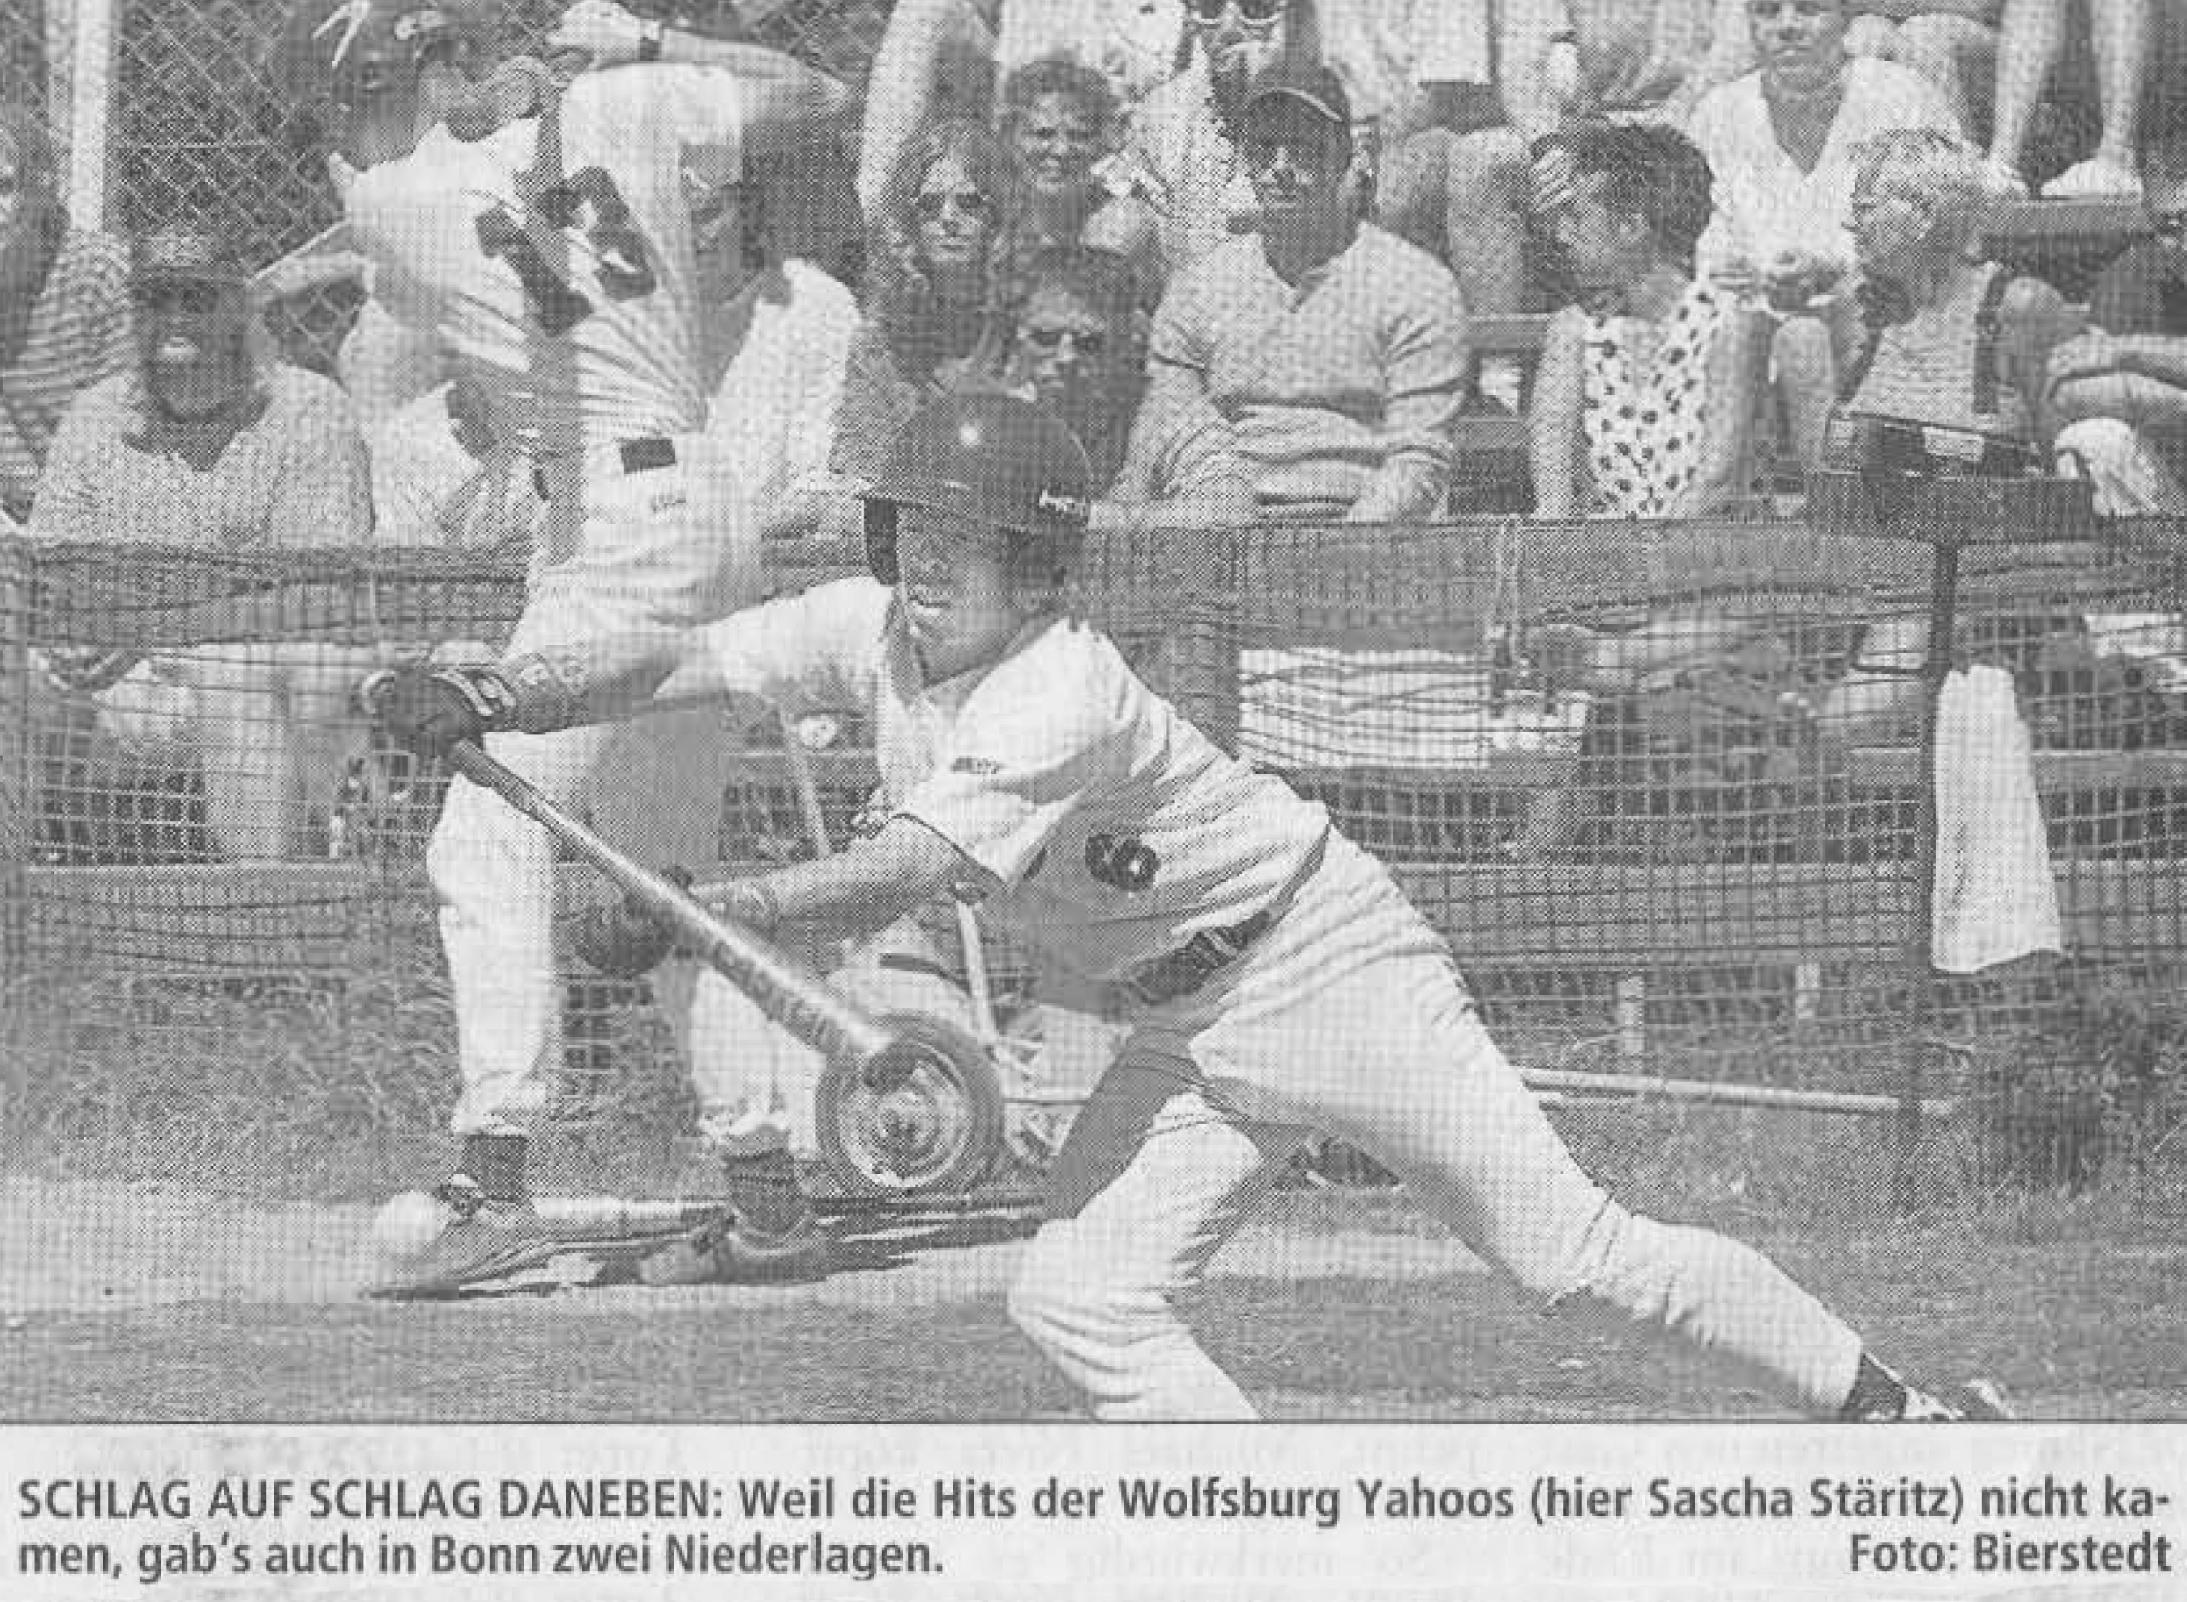 SCHLAG AUF SCHLAG DANEBEN: Weil die Hits der Wolfsburg Yahoos (hier Sascha Stäritz) nicht kamen, gab's auch in Bonn zwei Niederlagen. Foto: Bierstedt